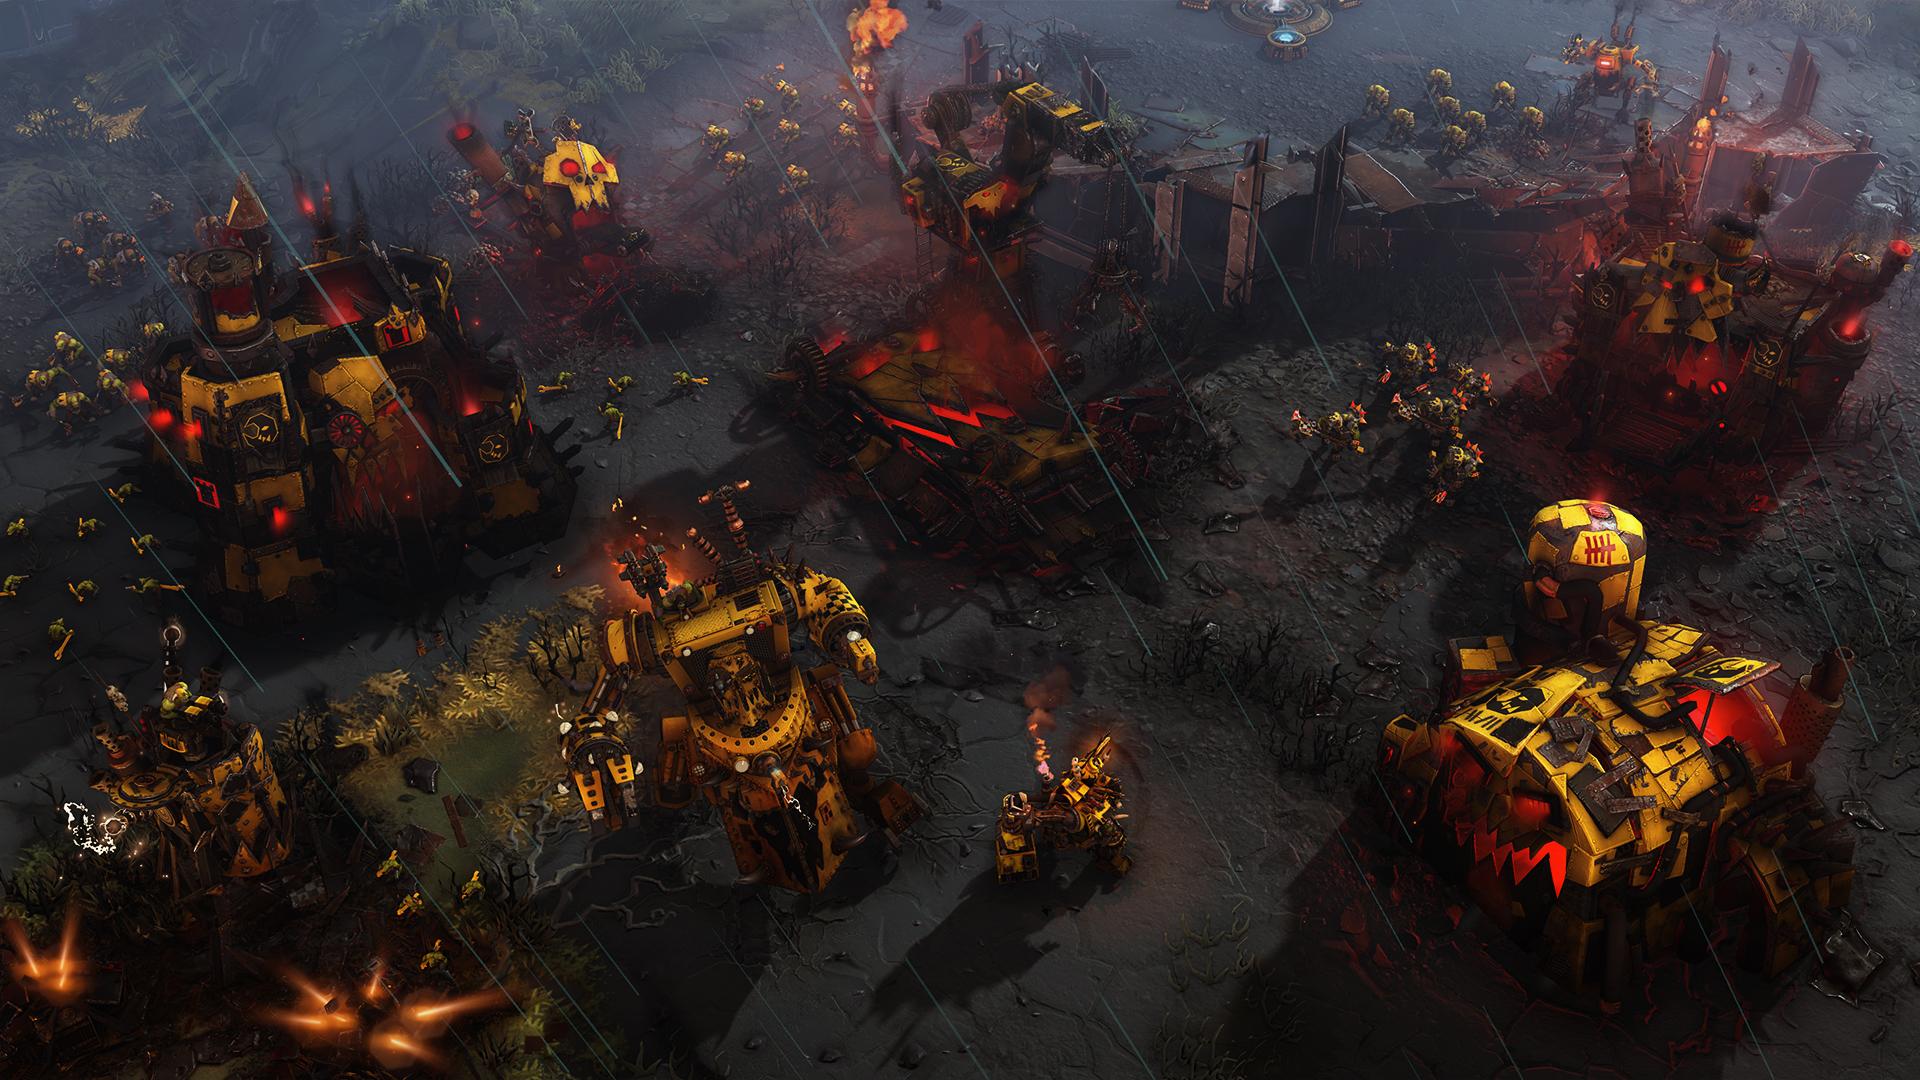 战锤40K:战争黎明3(Warhammer 40,000: Dawn of War III)免安装简体中文绿色版|DLC|升级档|网盘下载